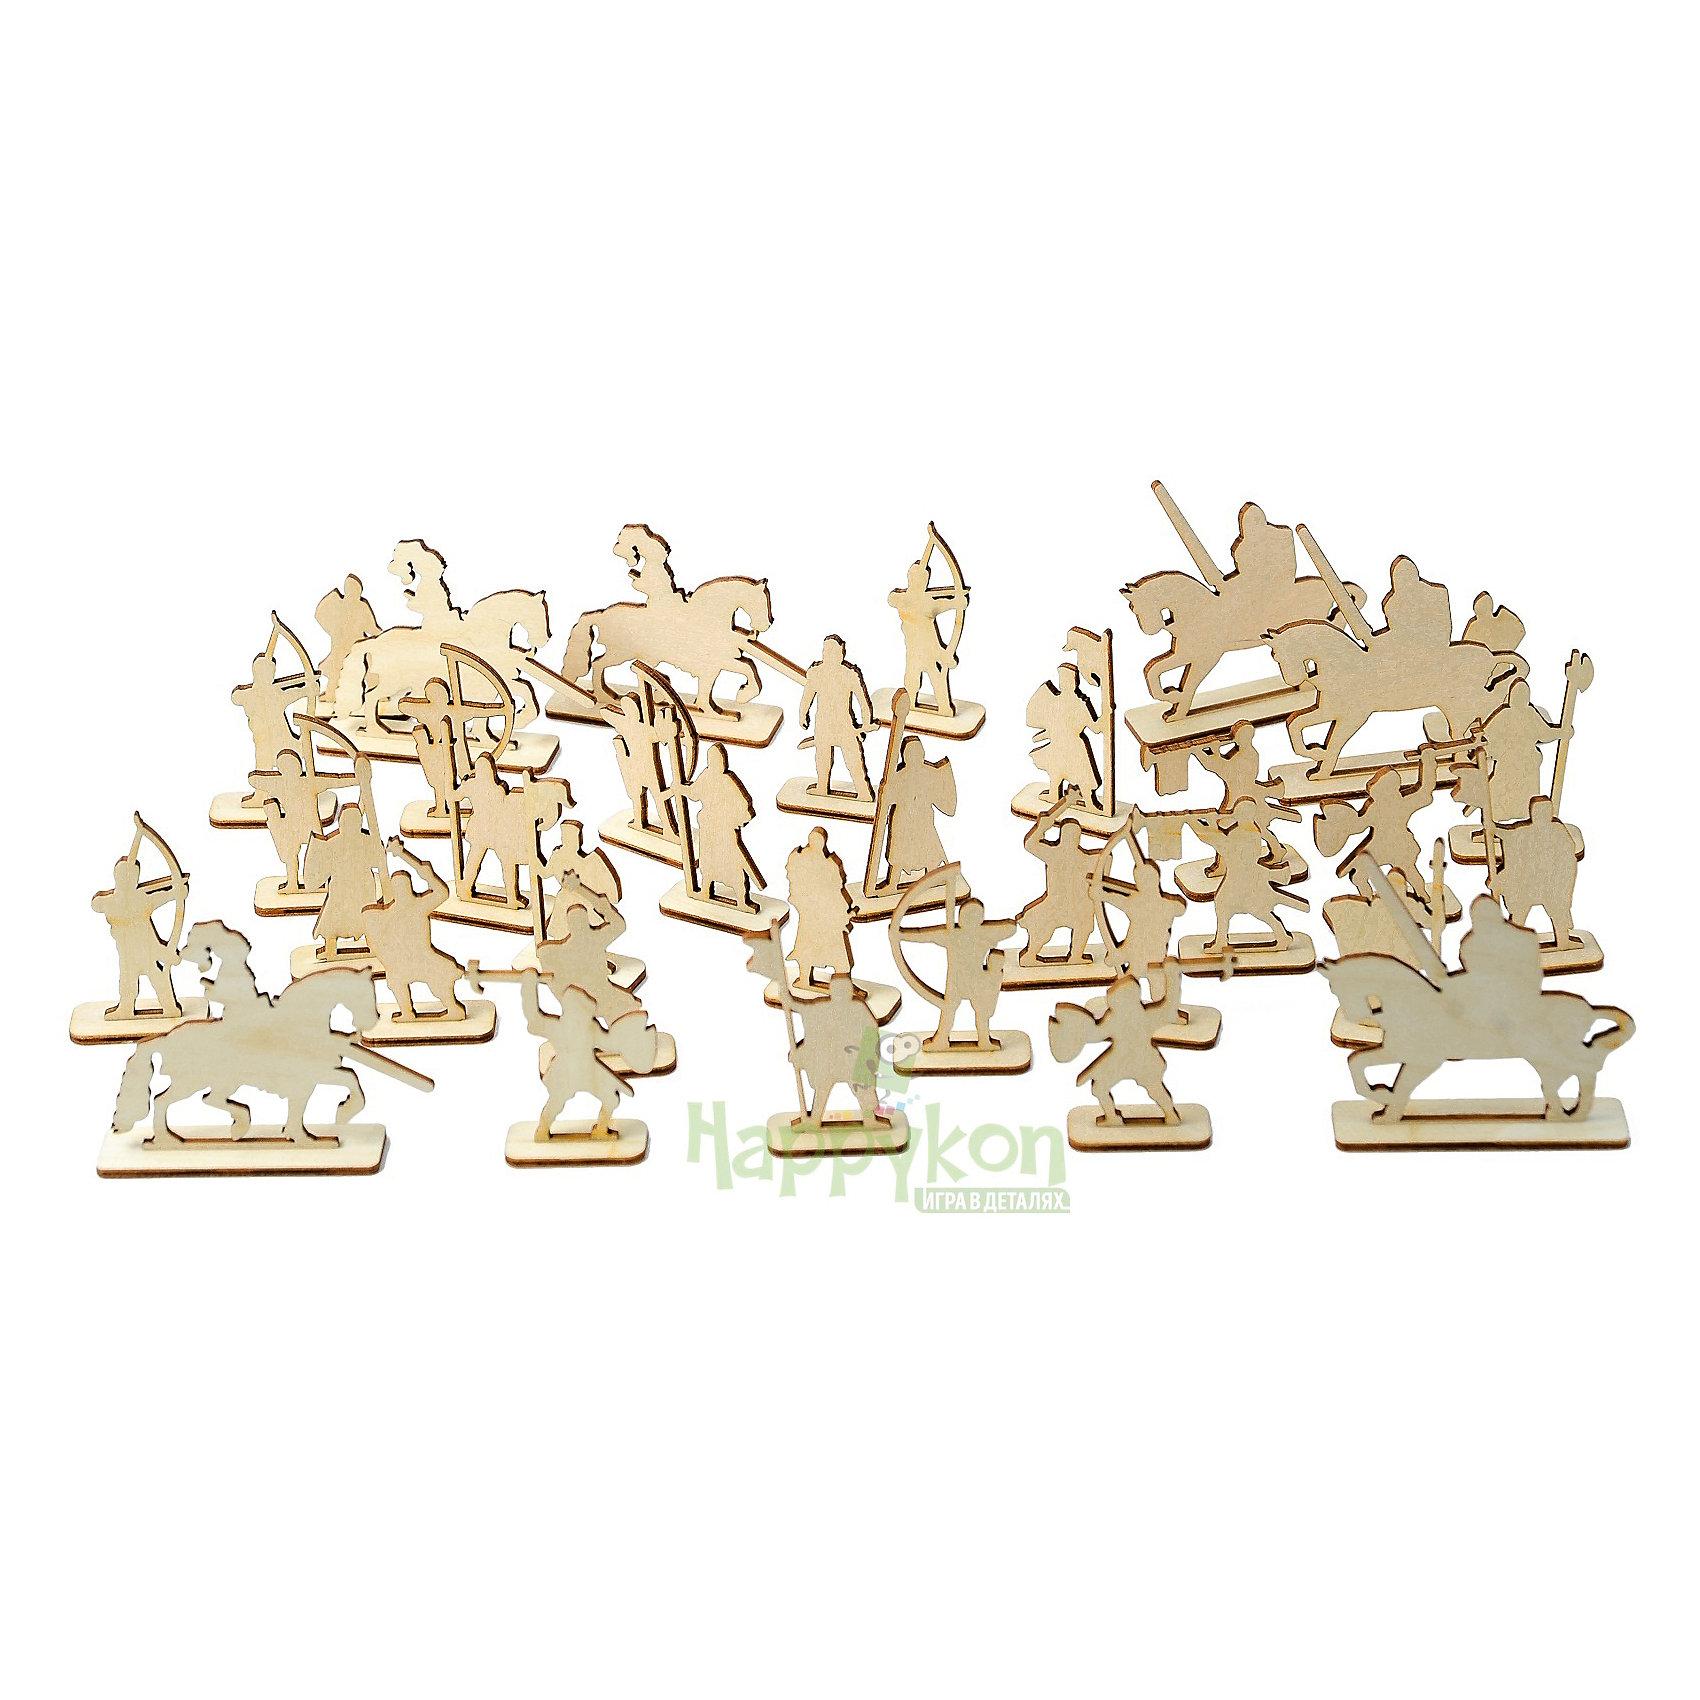 Деревянный набор рыцарей для крепости HappykonСолдатики, люди и рыцари<br>Характеристики:<br><br>• возраст: от 5 лет<br>• количество рыцарей: 36<br>• материал: дерево (фанера)<br>• упаковка: картонная коробка<br>• размер упаковки: 19х15х4,5 см.<br>• вес: 190 гр.<br><br>Набор рыцарей создан специально для конструктора Хэппикон «Крепость».<br><br>В наборе 36 деревянных средневековых воинов наступательной и оборонительной армии. Рыцари собираются без клея из двух деталей подставка и сам рыцарь.<br><br>Рыцари выполнены из отшлифованного дерева. Их можно раскрашивать карандашами и красками.<br><br>Деревянный набор рыцарей для крепости Happykon (Хэппикон) можно купить в нашем интернет-магазине.<br><br>Ширина мм: 79<br>Глубина мм: 3<br>Высота мм: 70<br>Вес г: 149<br>Возраст от месяцев: 60<br>Возраст до месяцев: 144<br>Пол: Мужской<br>Возраст: Детский<br>SKU: 7023772